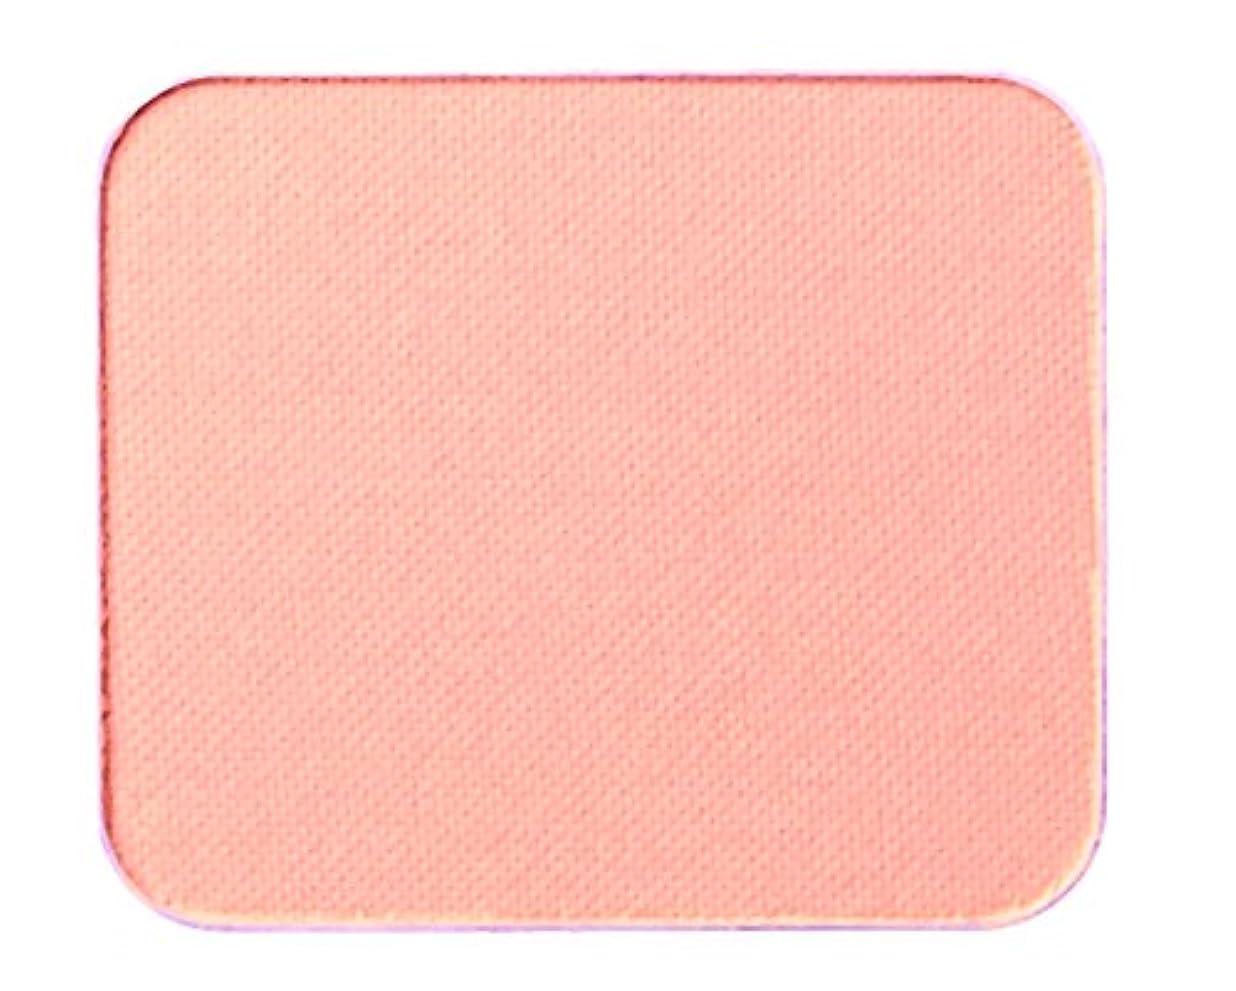 不毛の防ぐチャーターエクスボーテ エアーラスティングパウダークリスタルモイスト ナチュラル (レフィル)